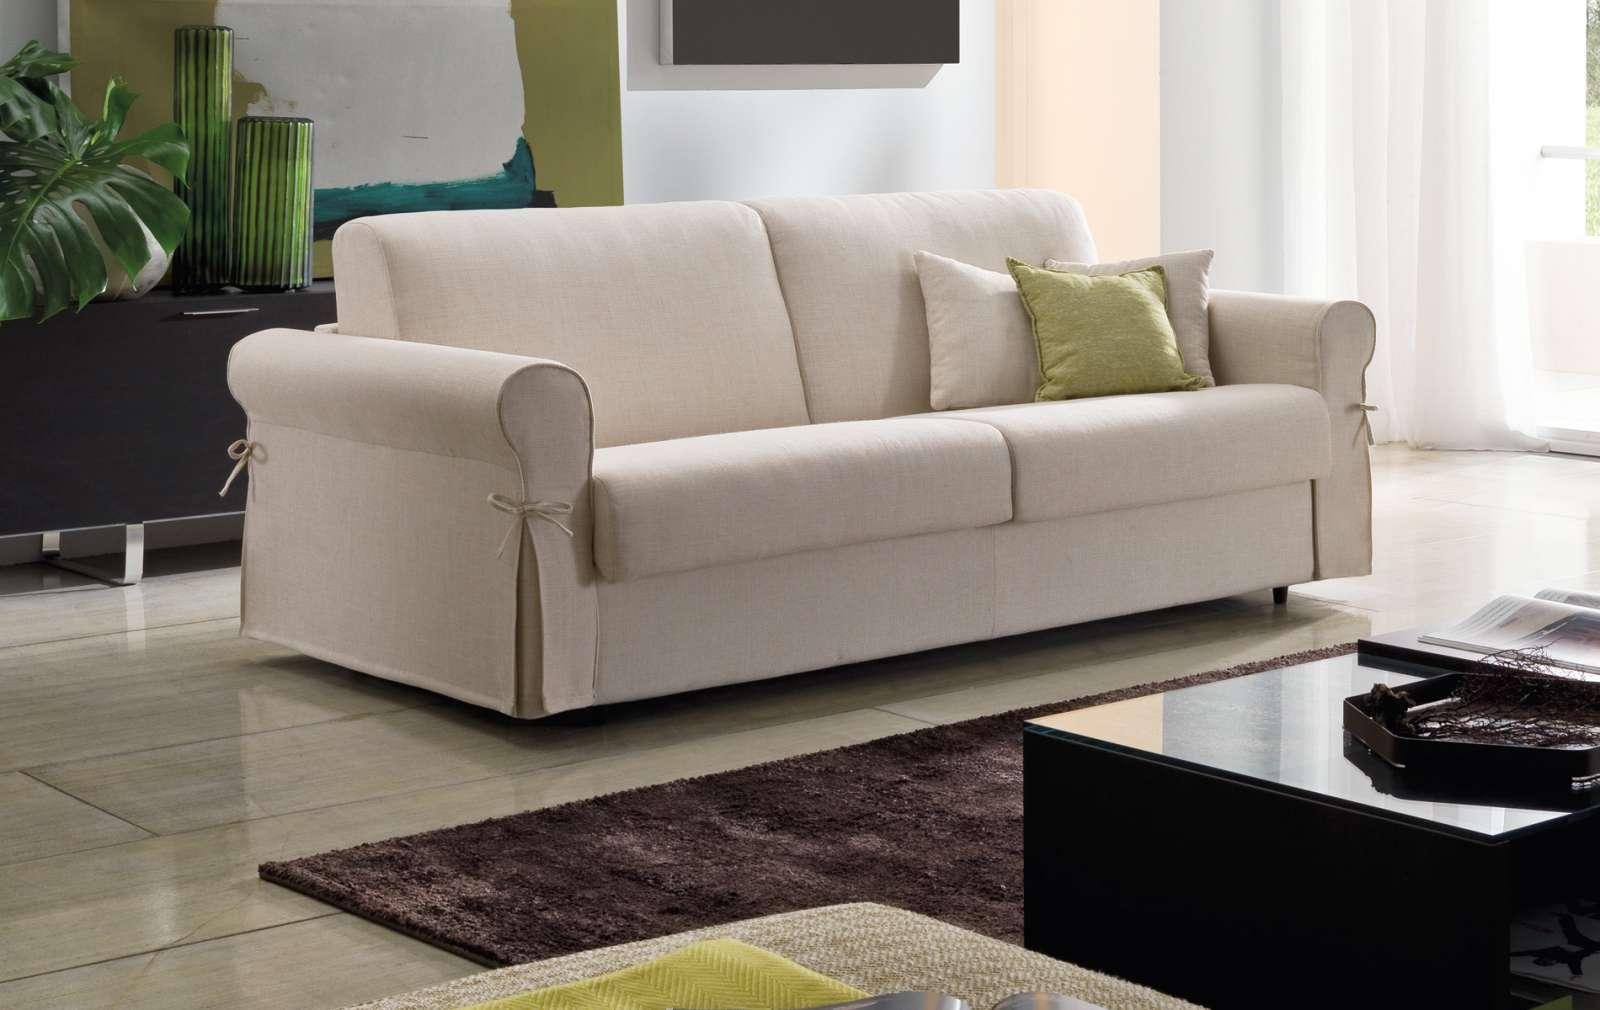 Bedrooms ispirazioni camera da letto for Chatodax prezzi divani